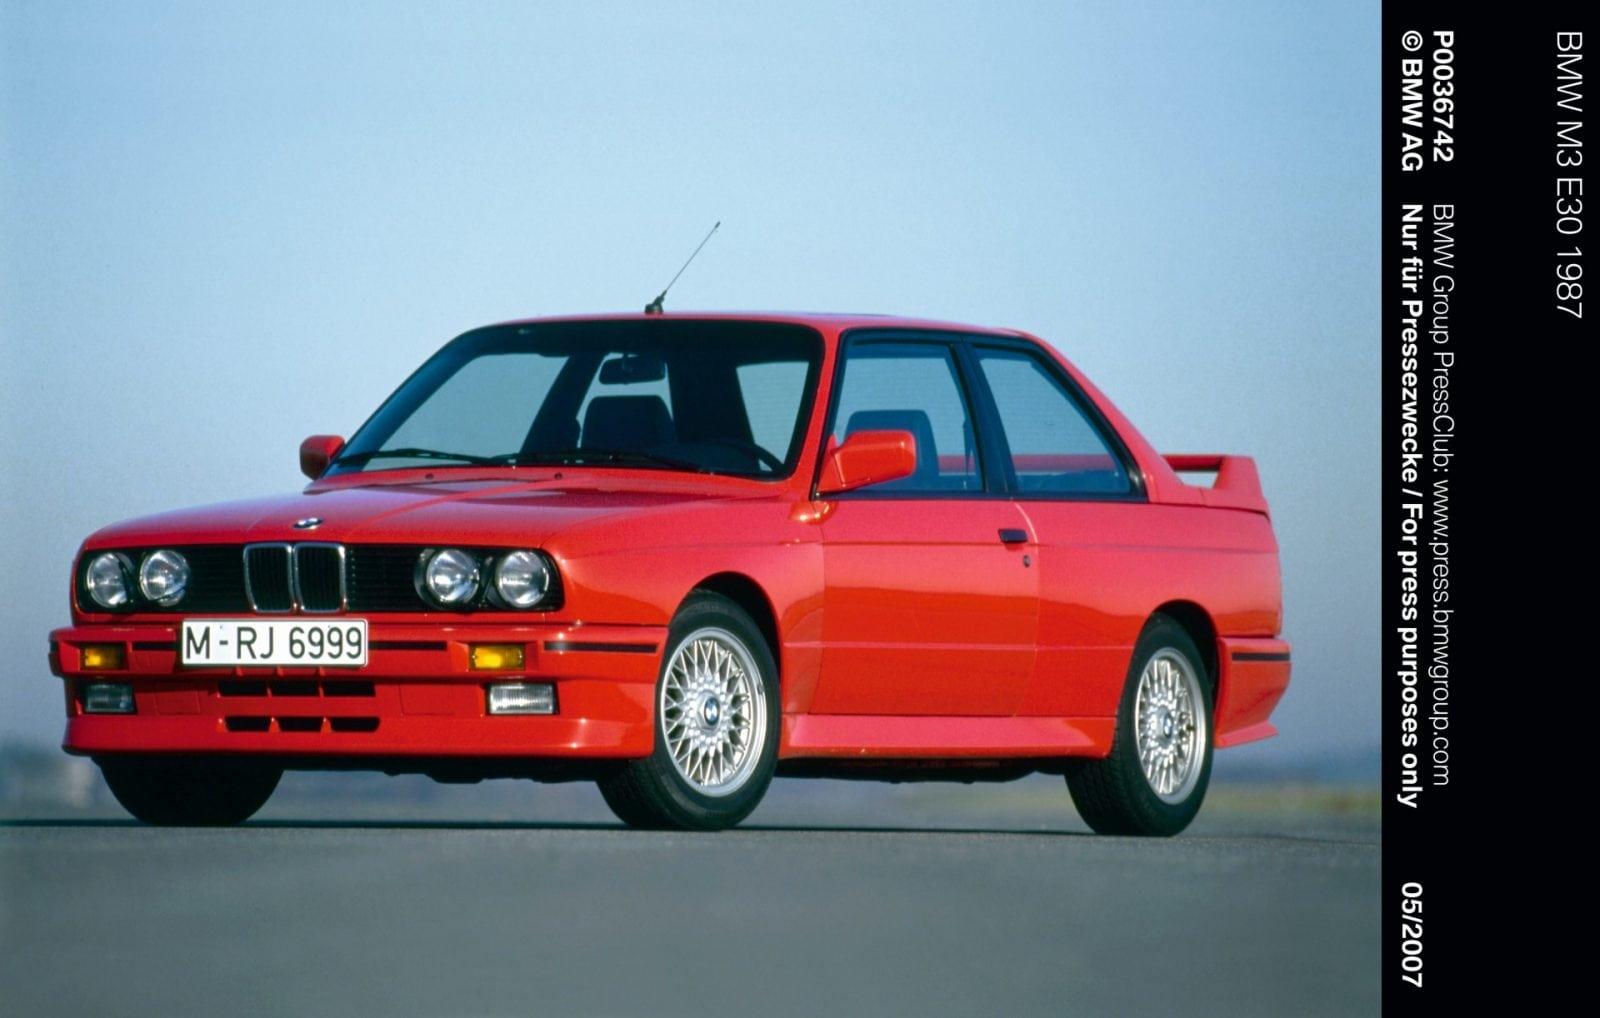 История BMW M3 E30 - первое поколение BMW M3 E30 1987